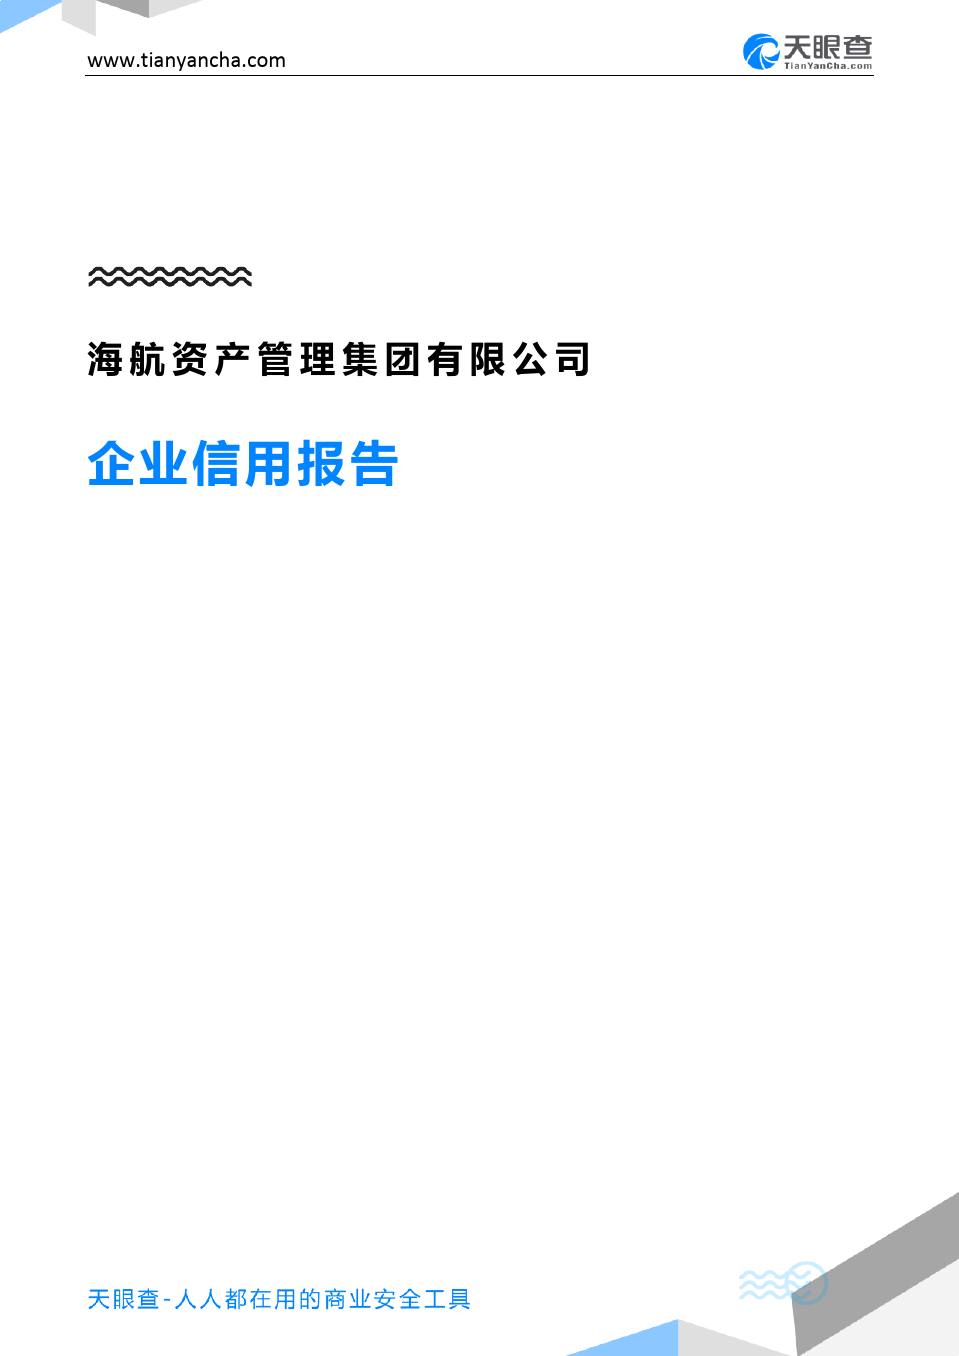 海航资产管理集团有限公司(企业信用报告)- 天眼查